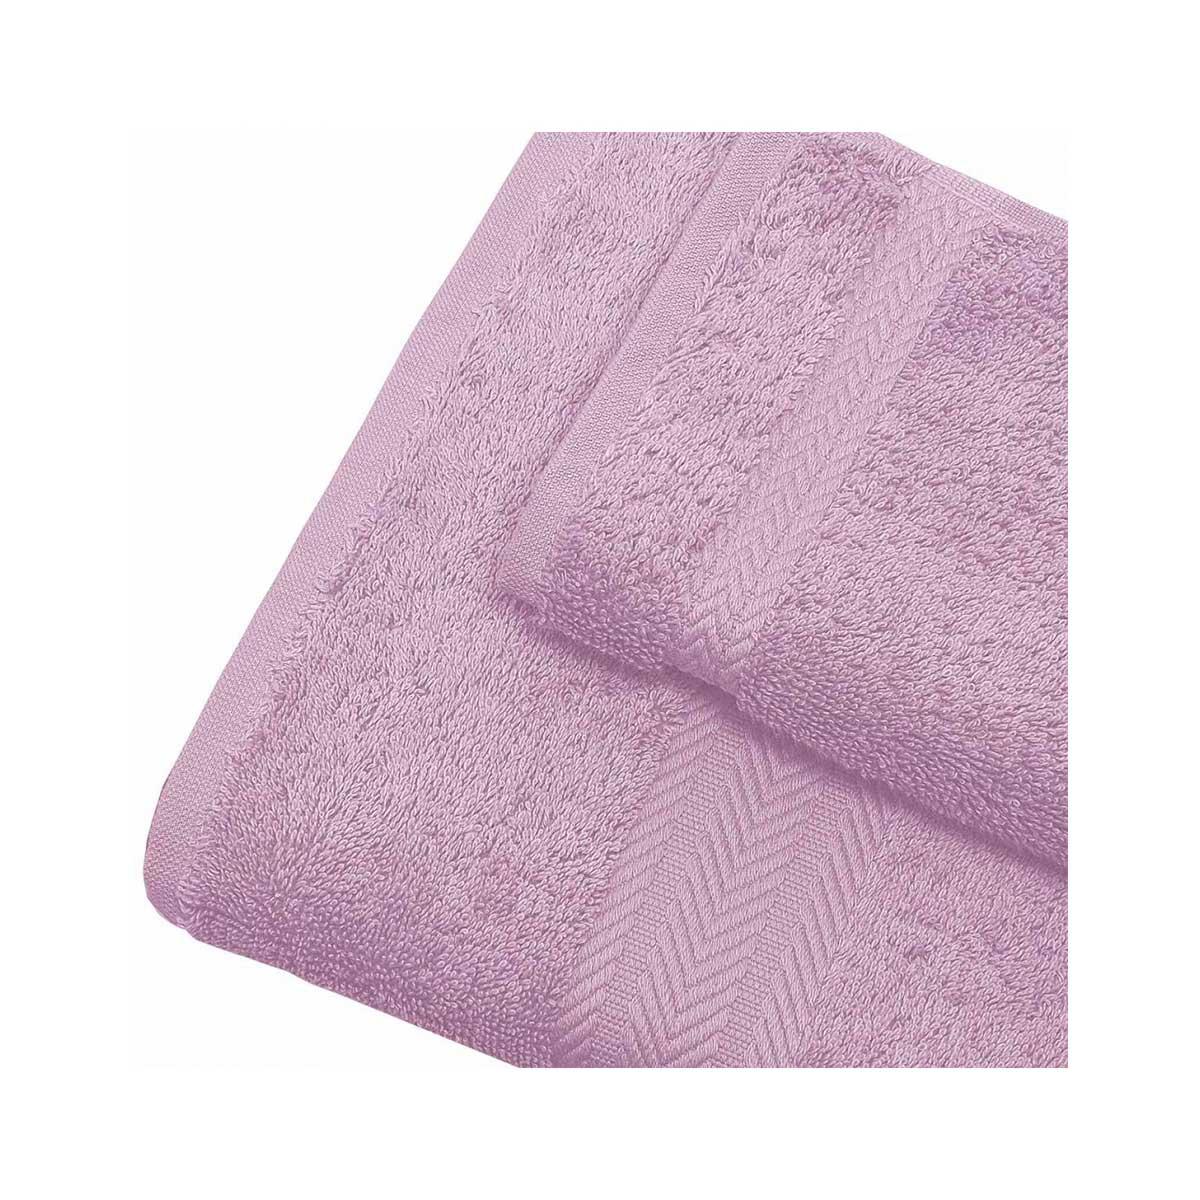 Linge de bain en coton 550gr/m² parme (Parme)